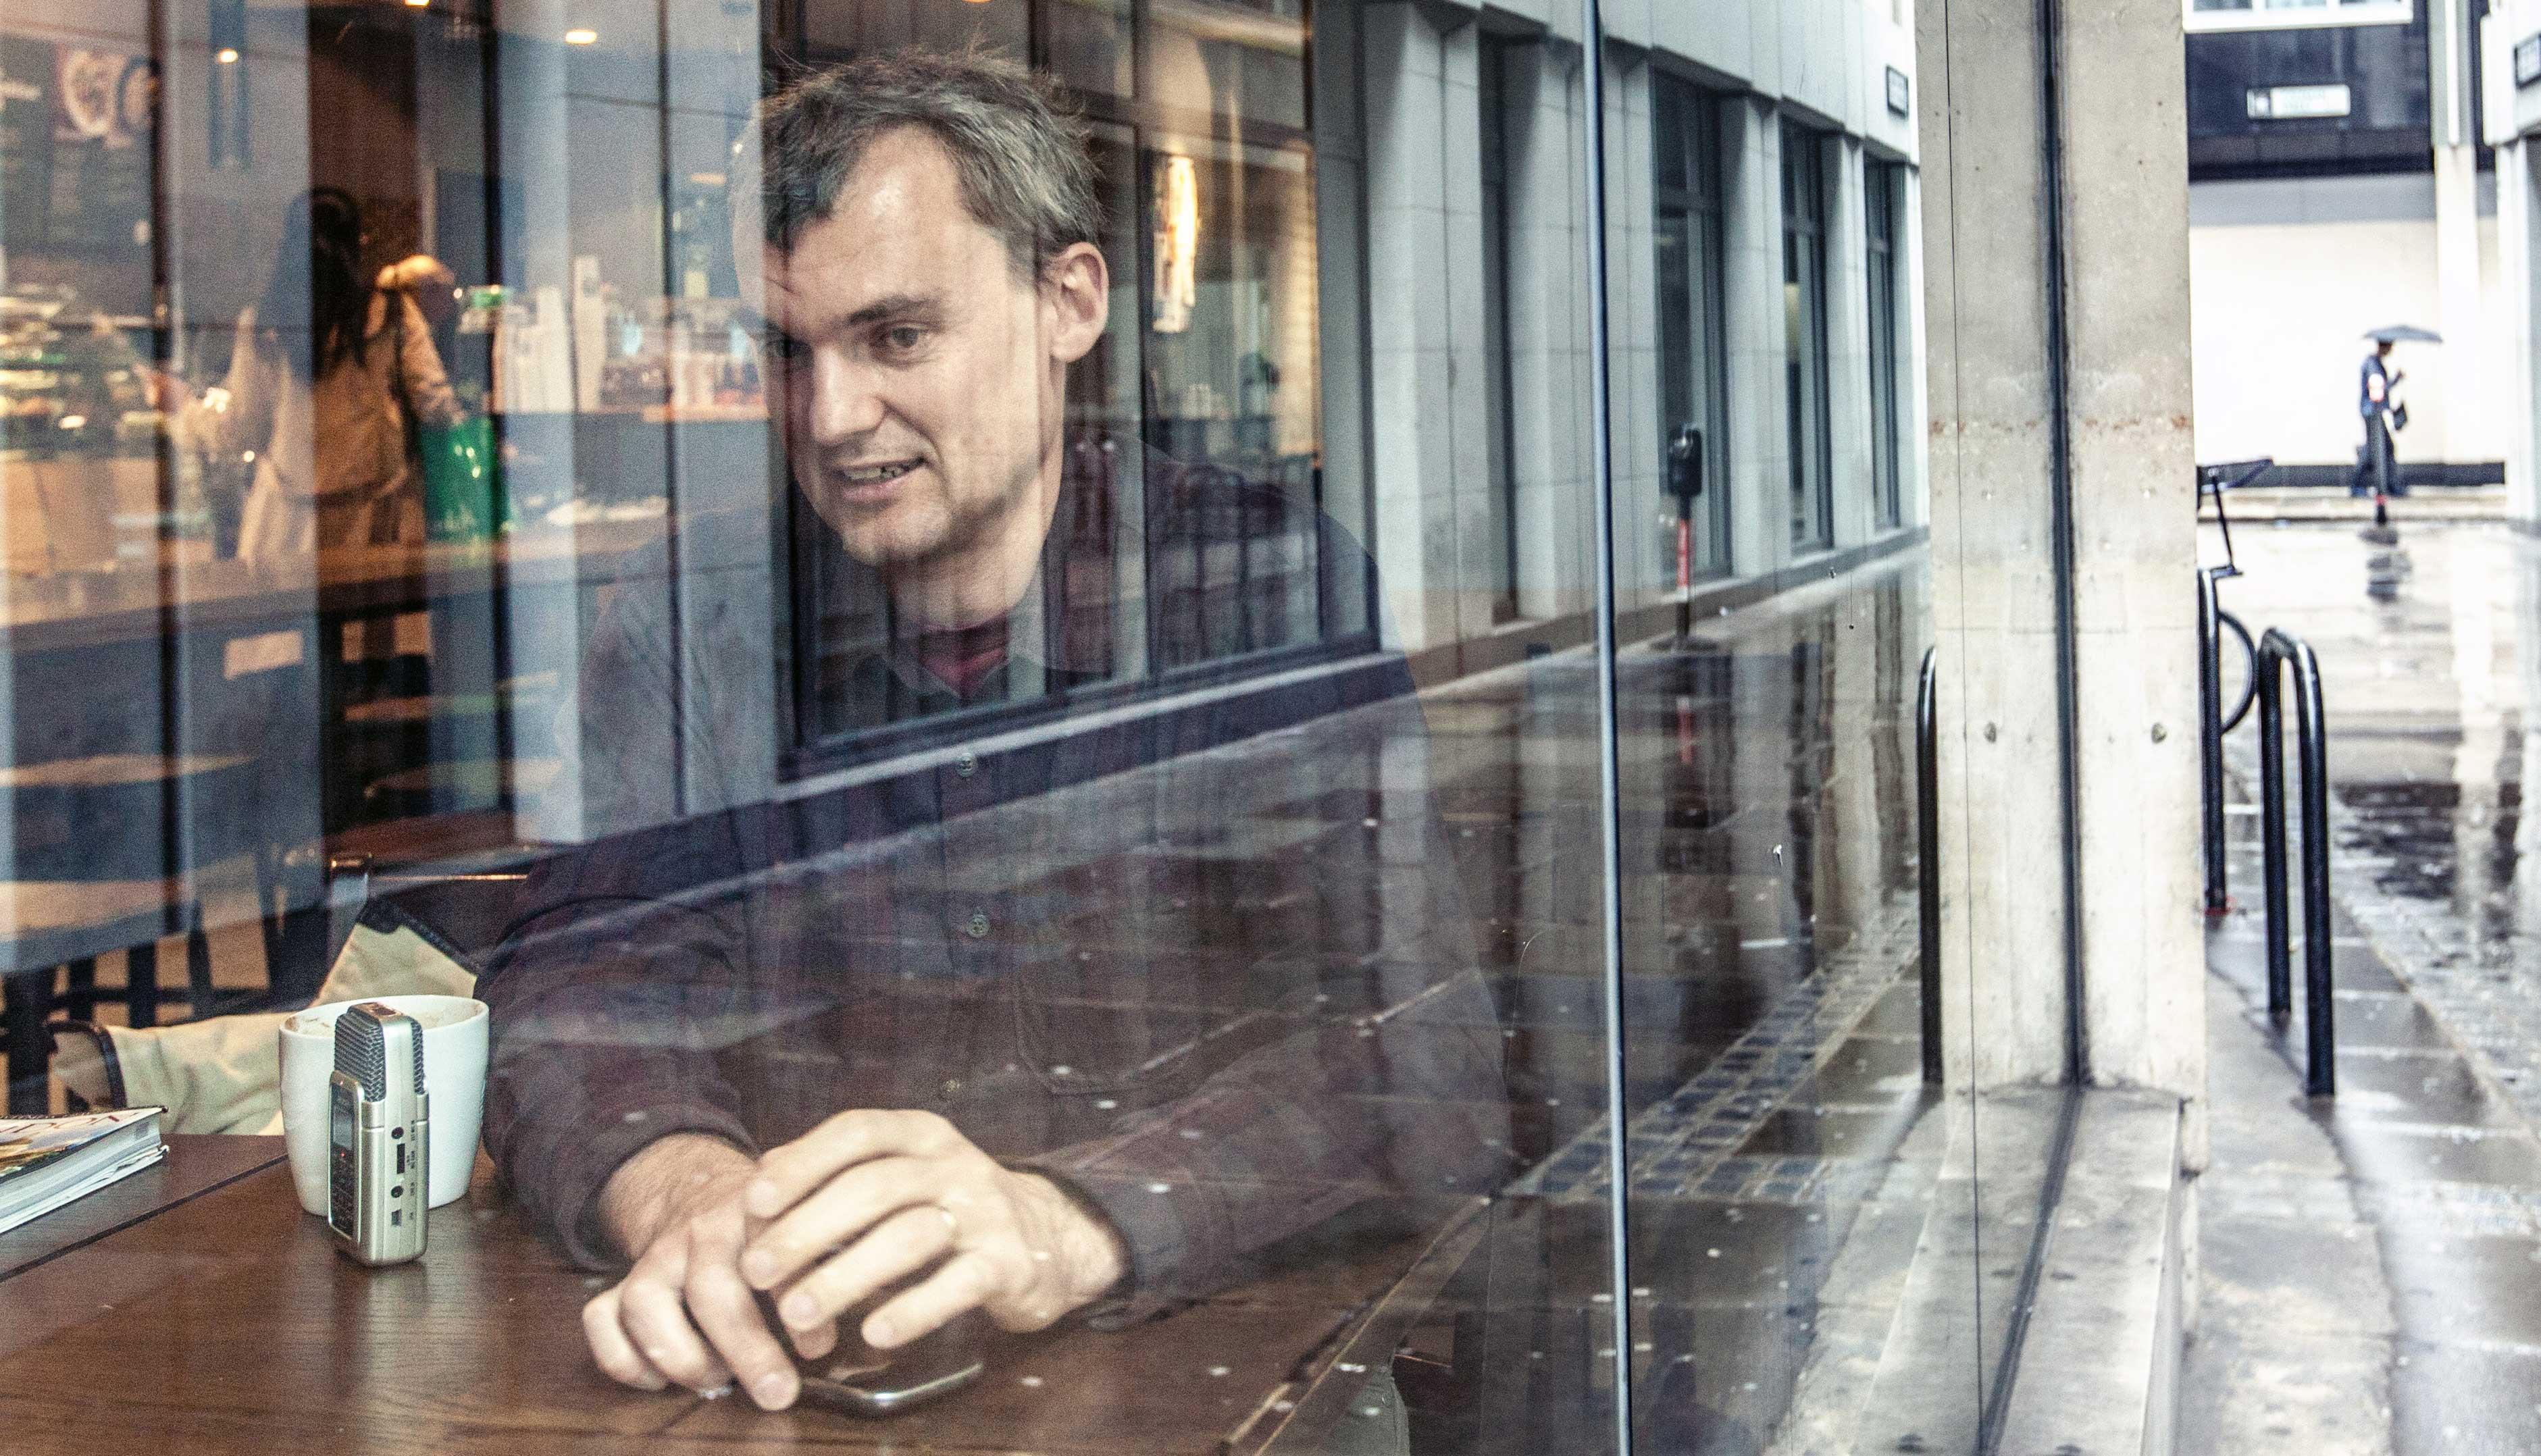 Юрыст Павел Шаўцоў: «Мае дзеці будуць брытанцамі, якія размаўляюць па-беларуску»